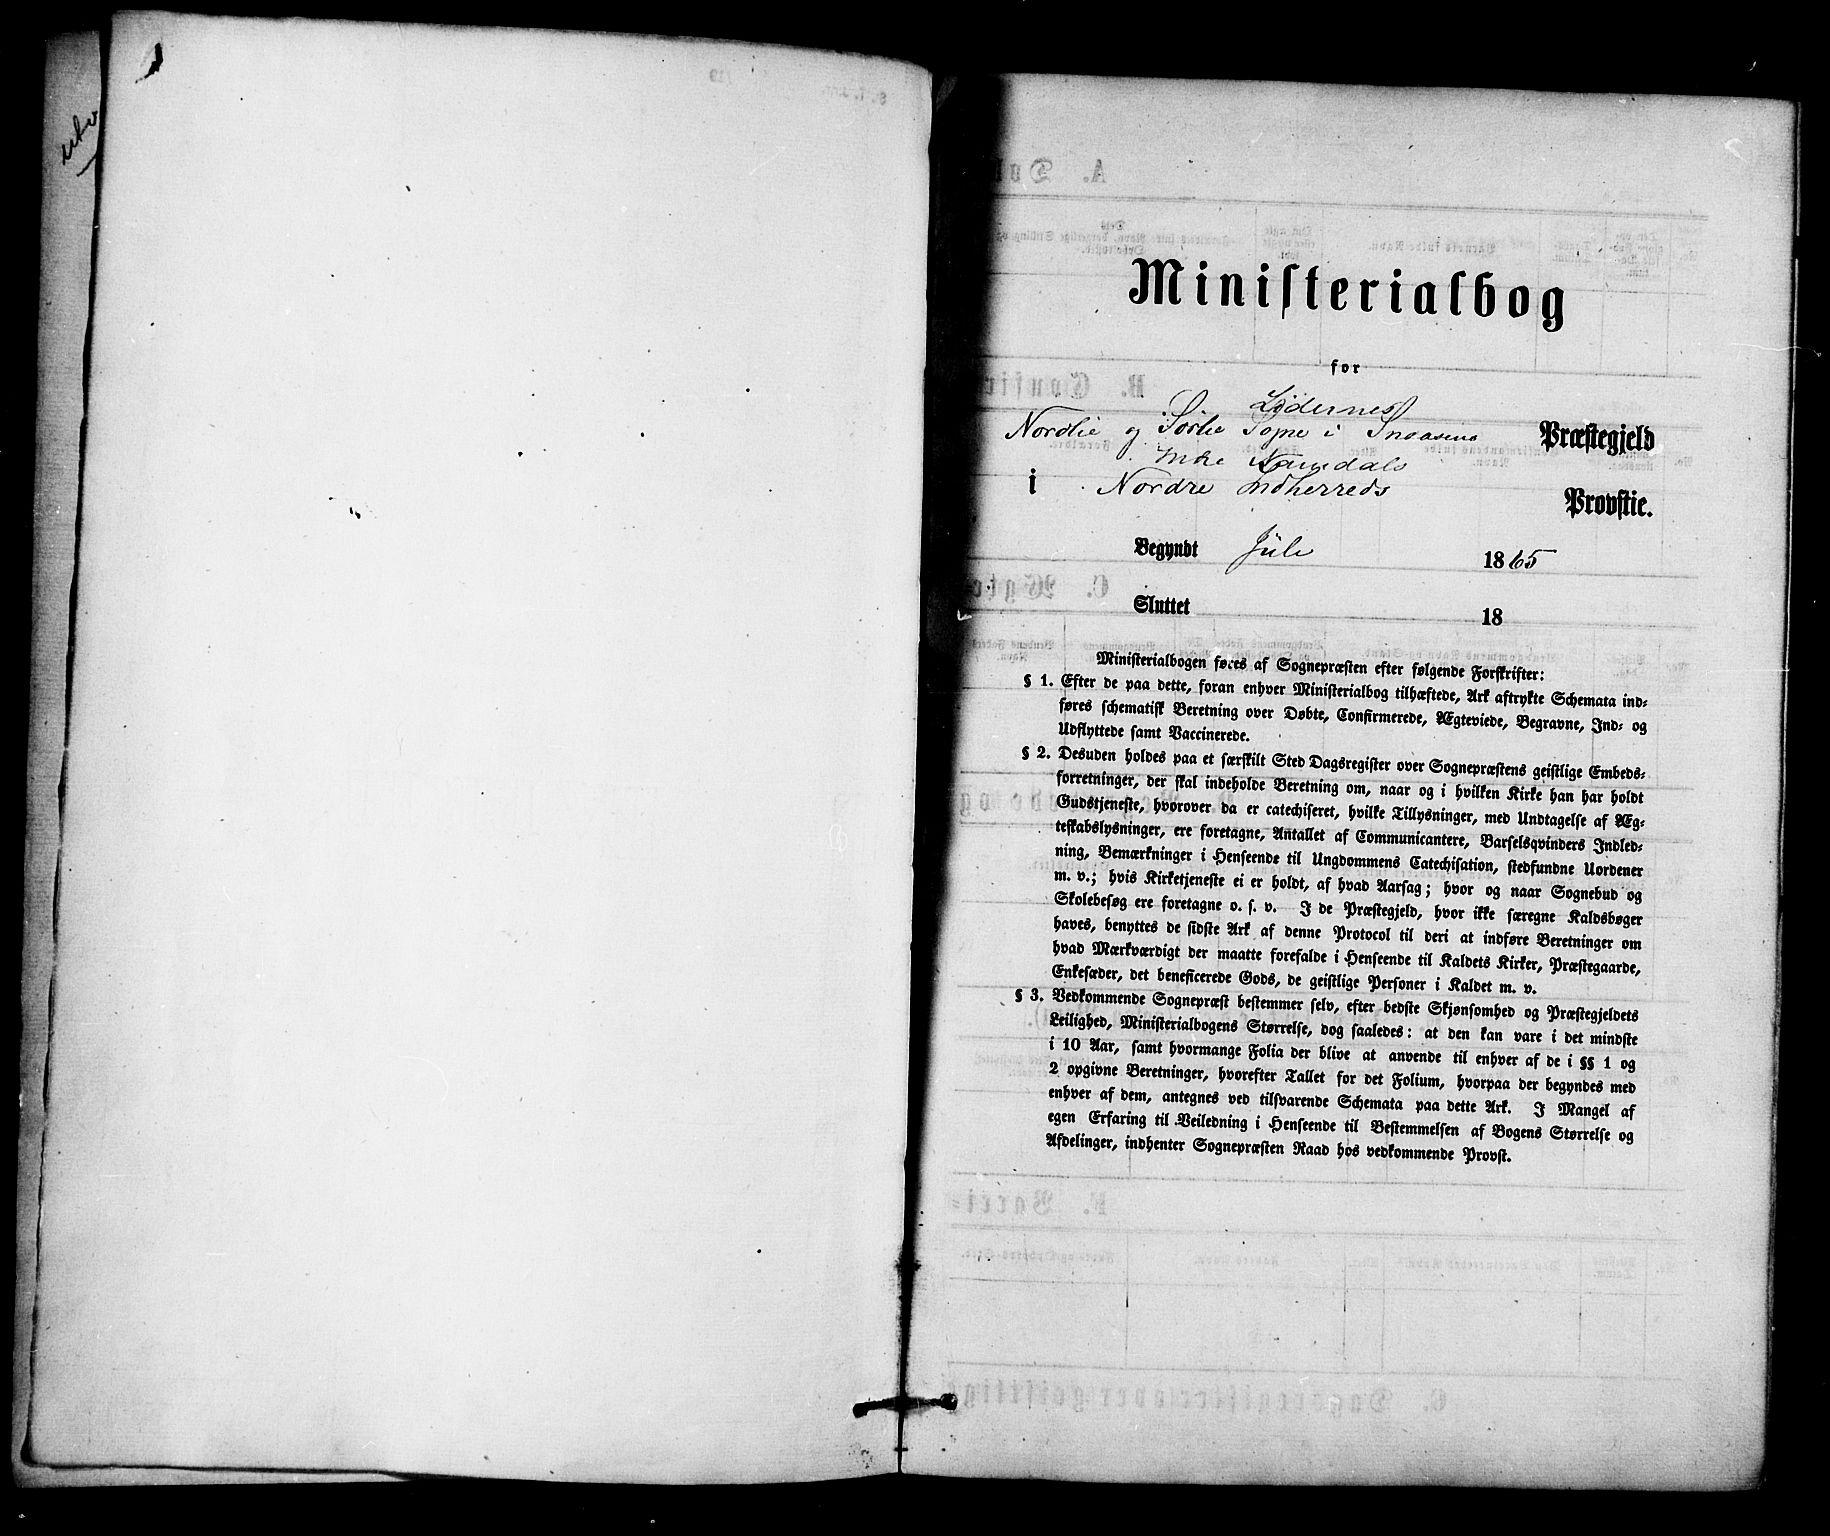 SAT, Ministerialprotokoller, klokkerbøker og fødselsregistre - Nord-Trøndelag, 755/L0493: Ministerialbok nr. 755A02, 1865-1881